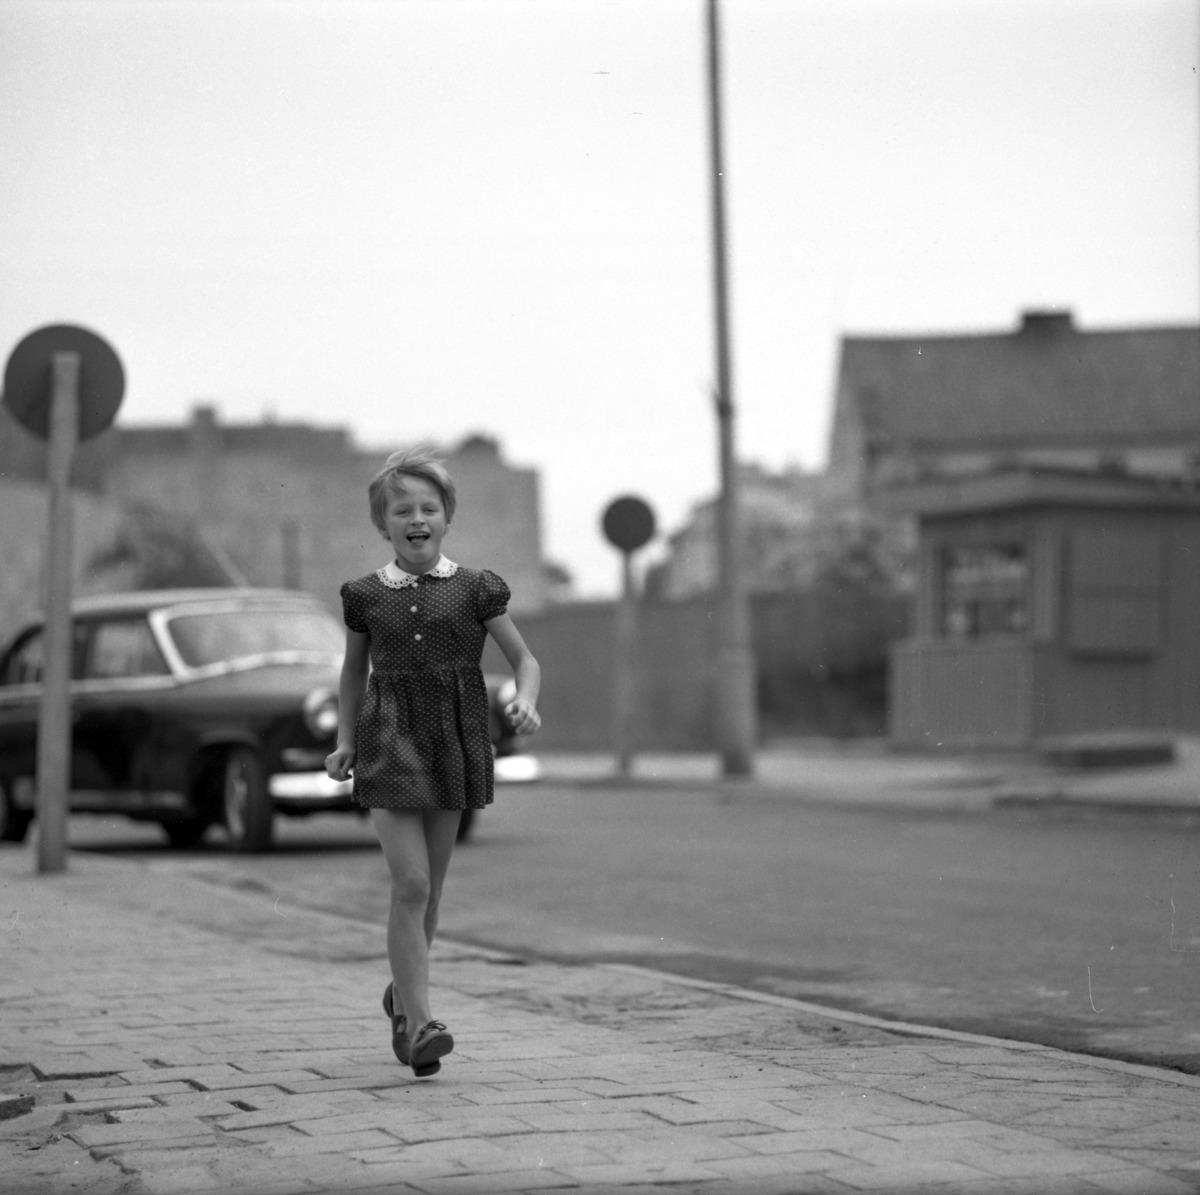 Sceny uliczne w fotografii Marii Szarskiej